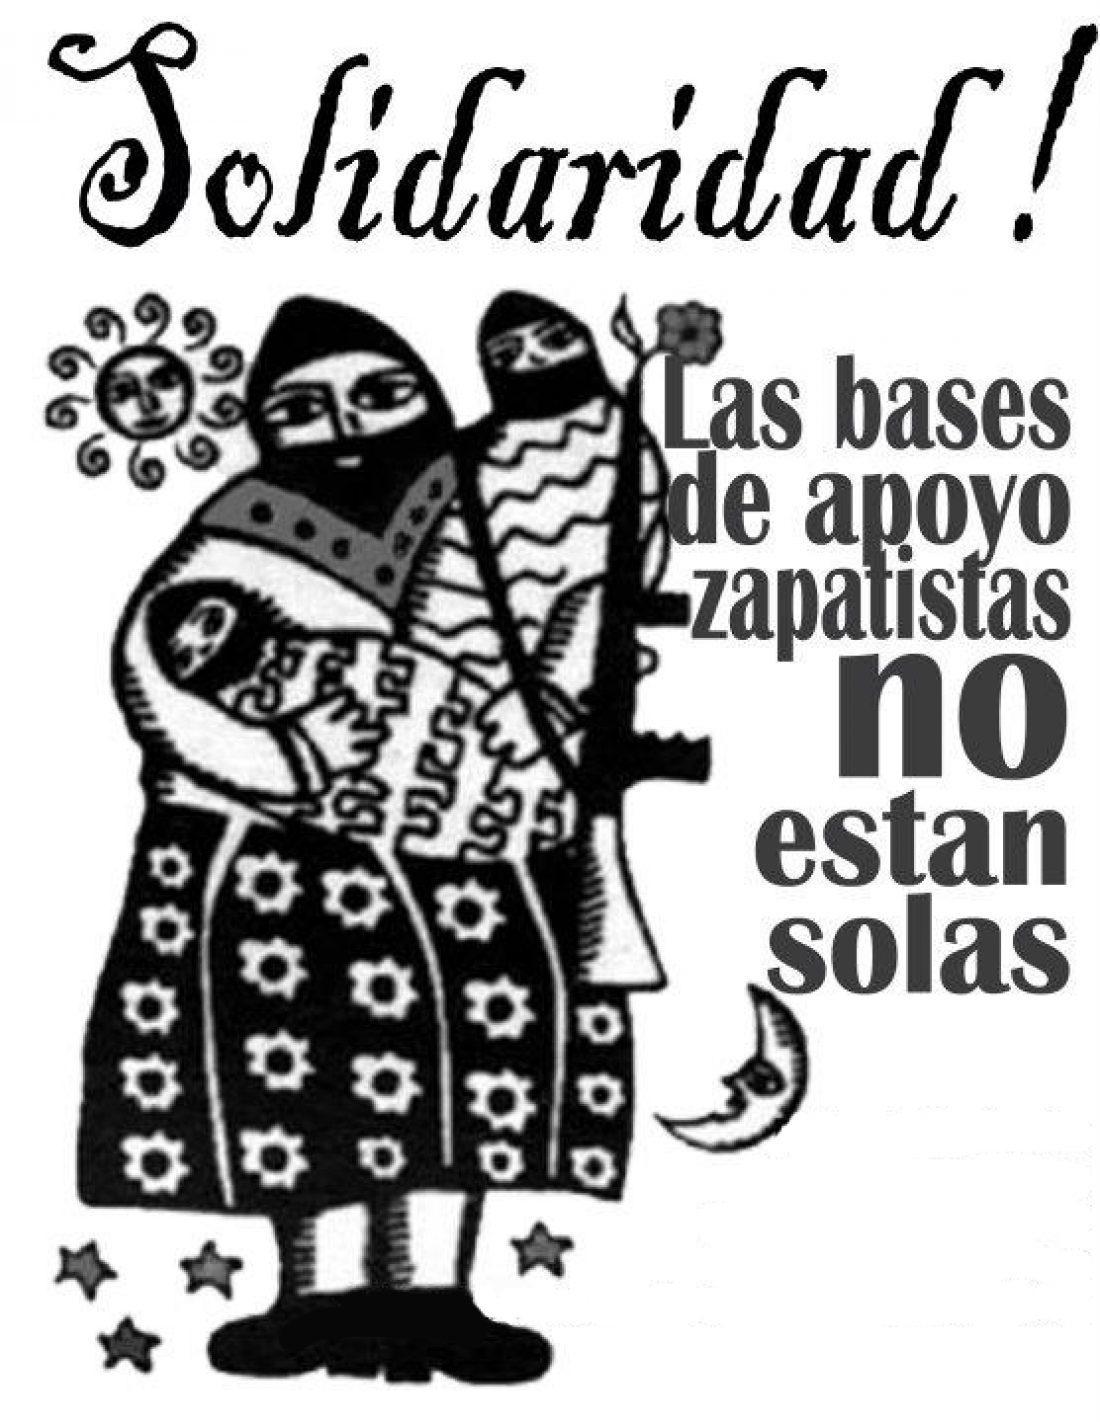 CGT : Resolución de SALUDA a la lucha hermana del EZLN. V Congreso Extraordinario, 9 y 10 de marzo de 2012